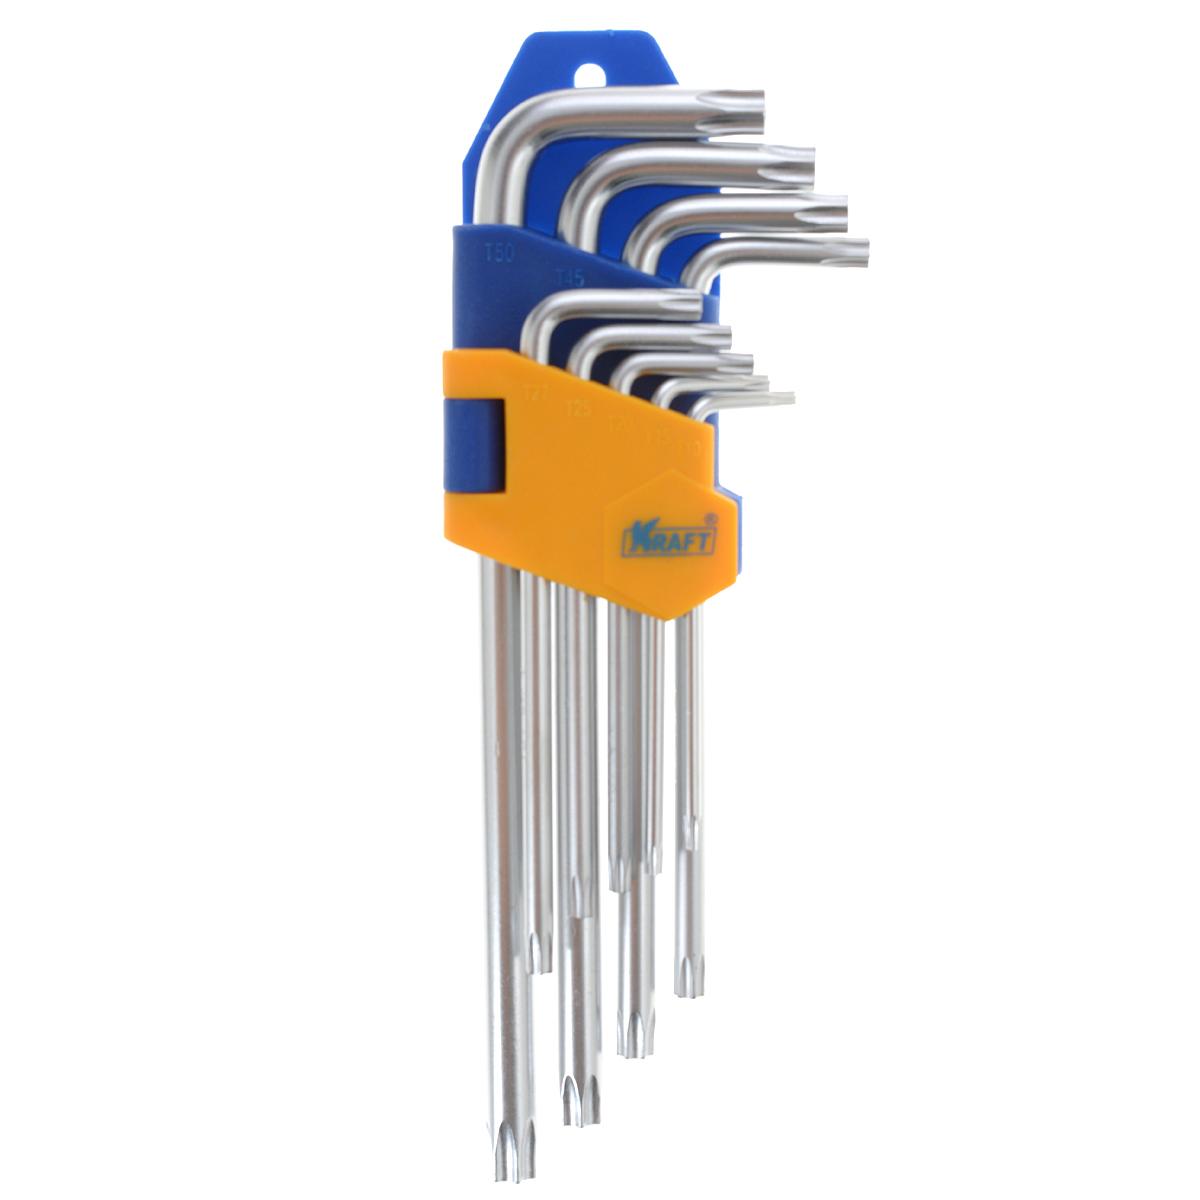 Набор ключей шестигранныхKraft Professional Torx, Т10 - Т50, 9 штКТ700566Набор шестигранных удлиненных ключей Kraft Professional Torx предназначен для работы с крепежными элементами, имеющими внутренний шестигранник. Каждый ключ изготовлен из хромованадиевой стали и оснащен наконечником с рабочим профилем torx. В набор входят ключи: Т10, Т15, Т20, Т25, Т27, Т30, Т40, Т45, Т50.